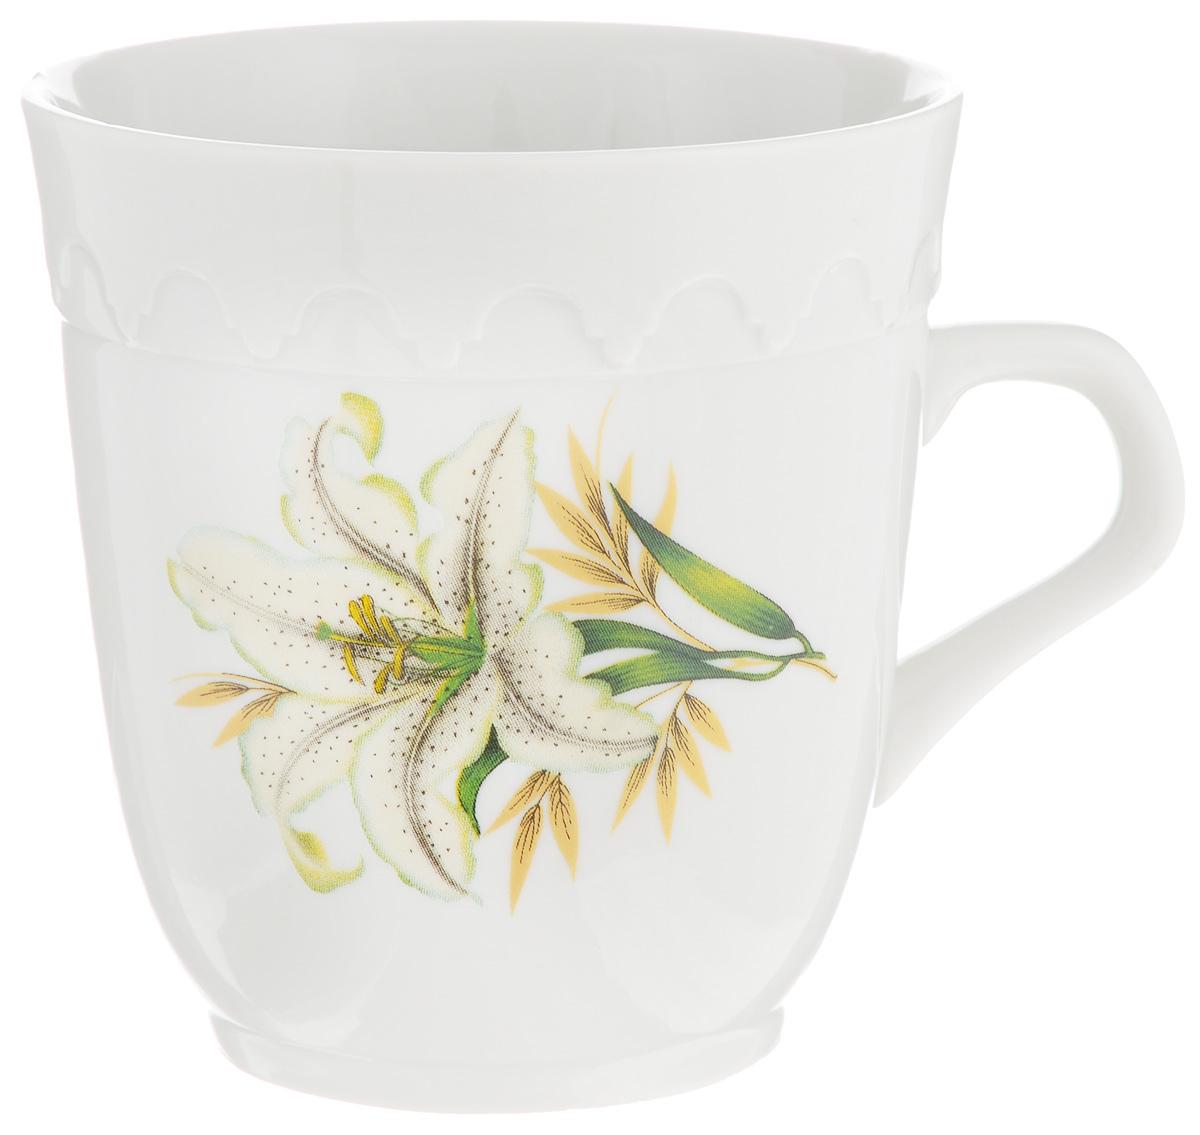 Кружка Фарфор Вербилок Арабеска. Белая лилия, 250 мл24321980Кружка Фарфор Вербилок Арабеска. Белая лилия способна скрасить любое чаепитие. Изделие выполнено из высококачественного фарфора. Посуда из такого материала позволяет сохранить истинный вкус напитка, а также помогает ему дольше оставаться теплым. Диаметр по верхнему краю: 8,3 см. Высота кружки: 9 см.